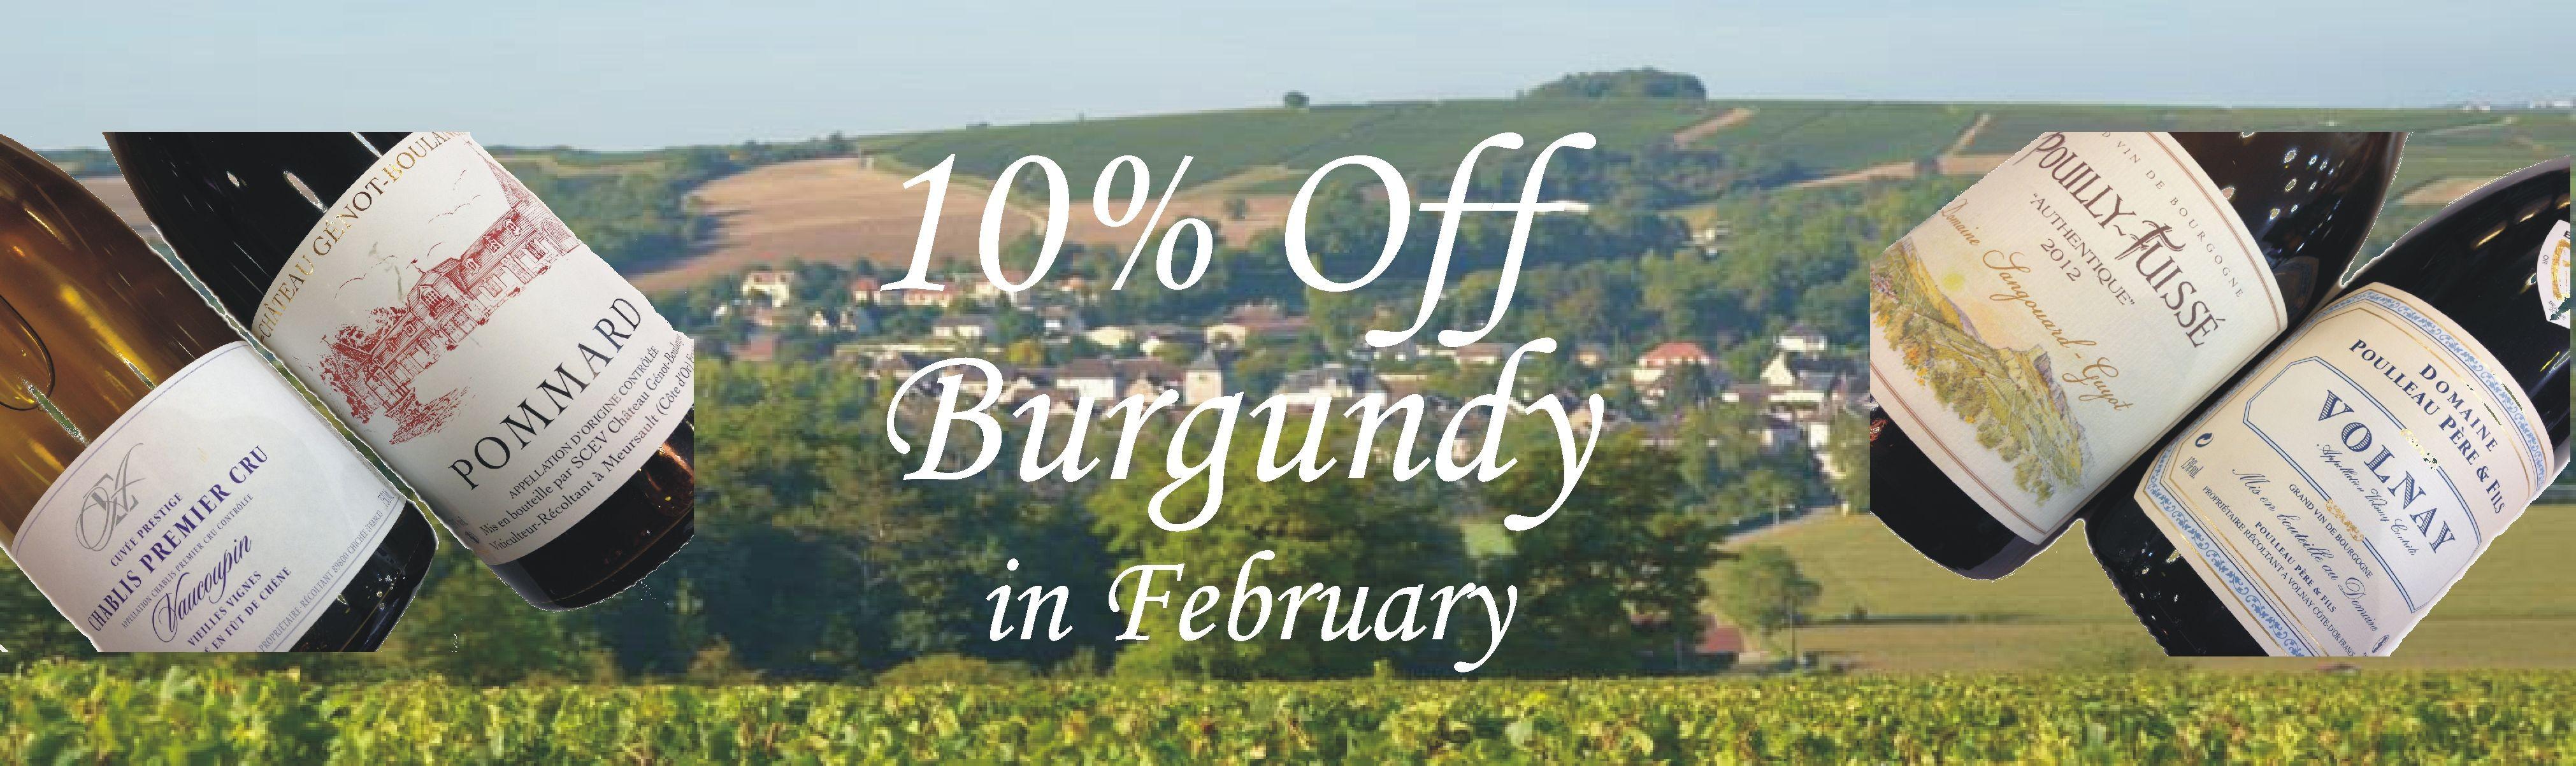 Burgundy Festival 10% OFF